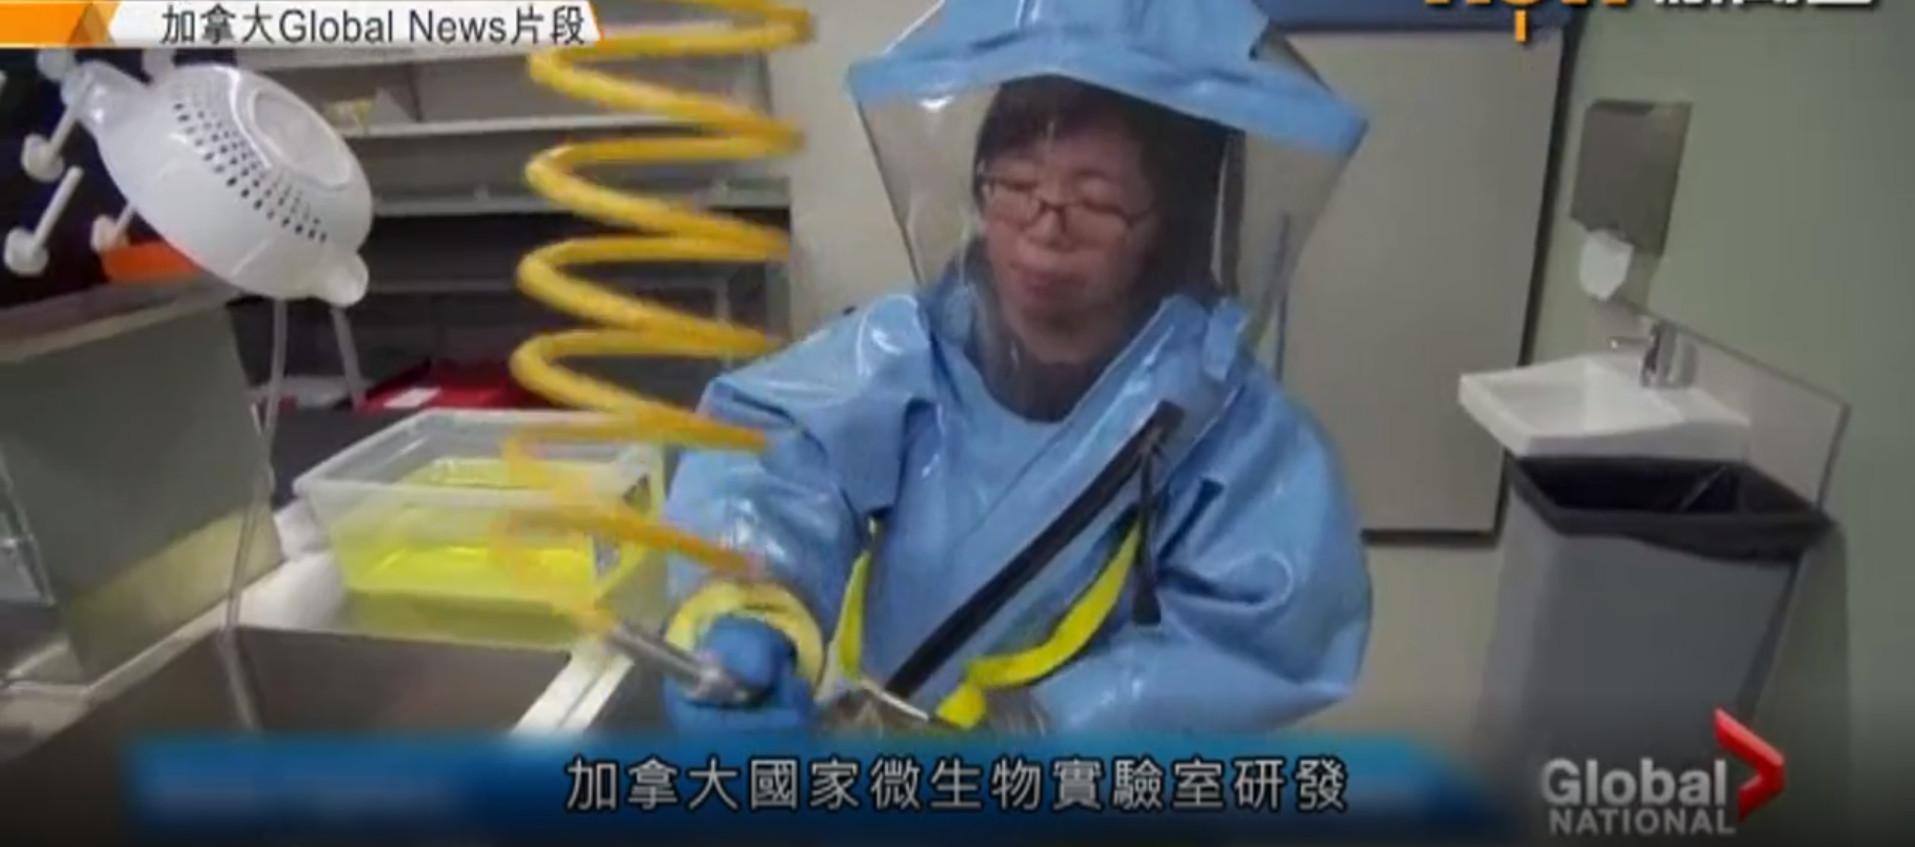 邱香果因涉嫌偷竊加國病毒樣本而被調查。(影片截圖)